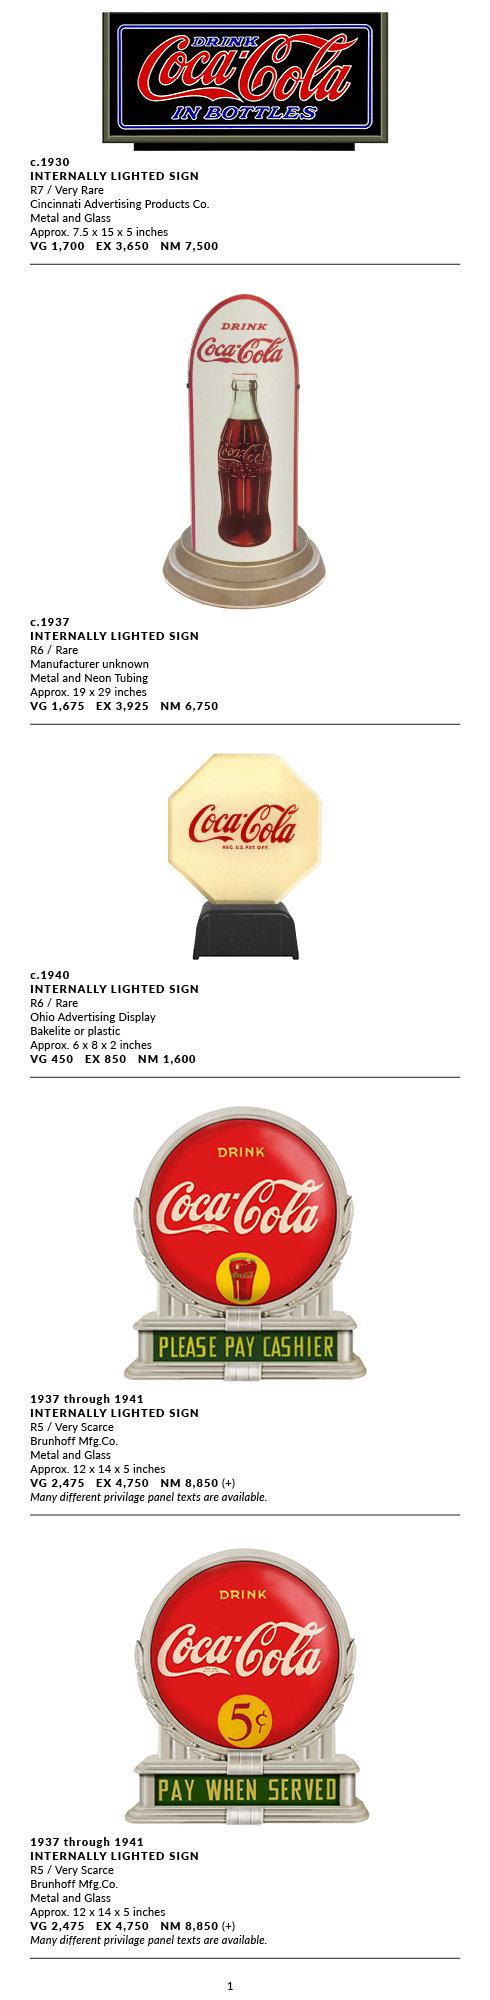 Internally Lighted Signs.jpg